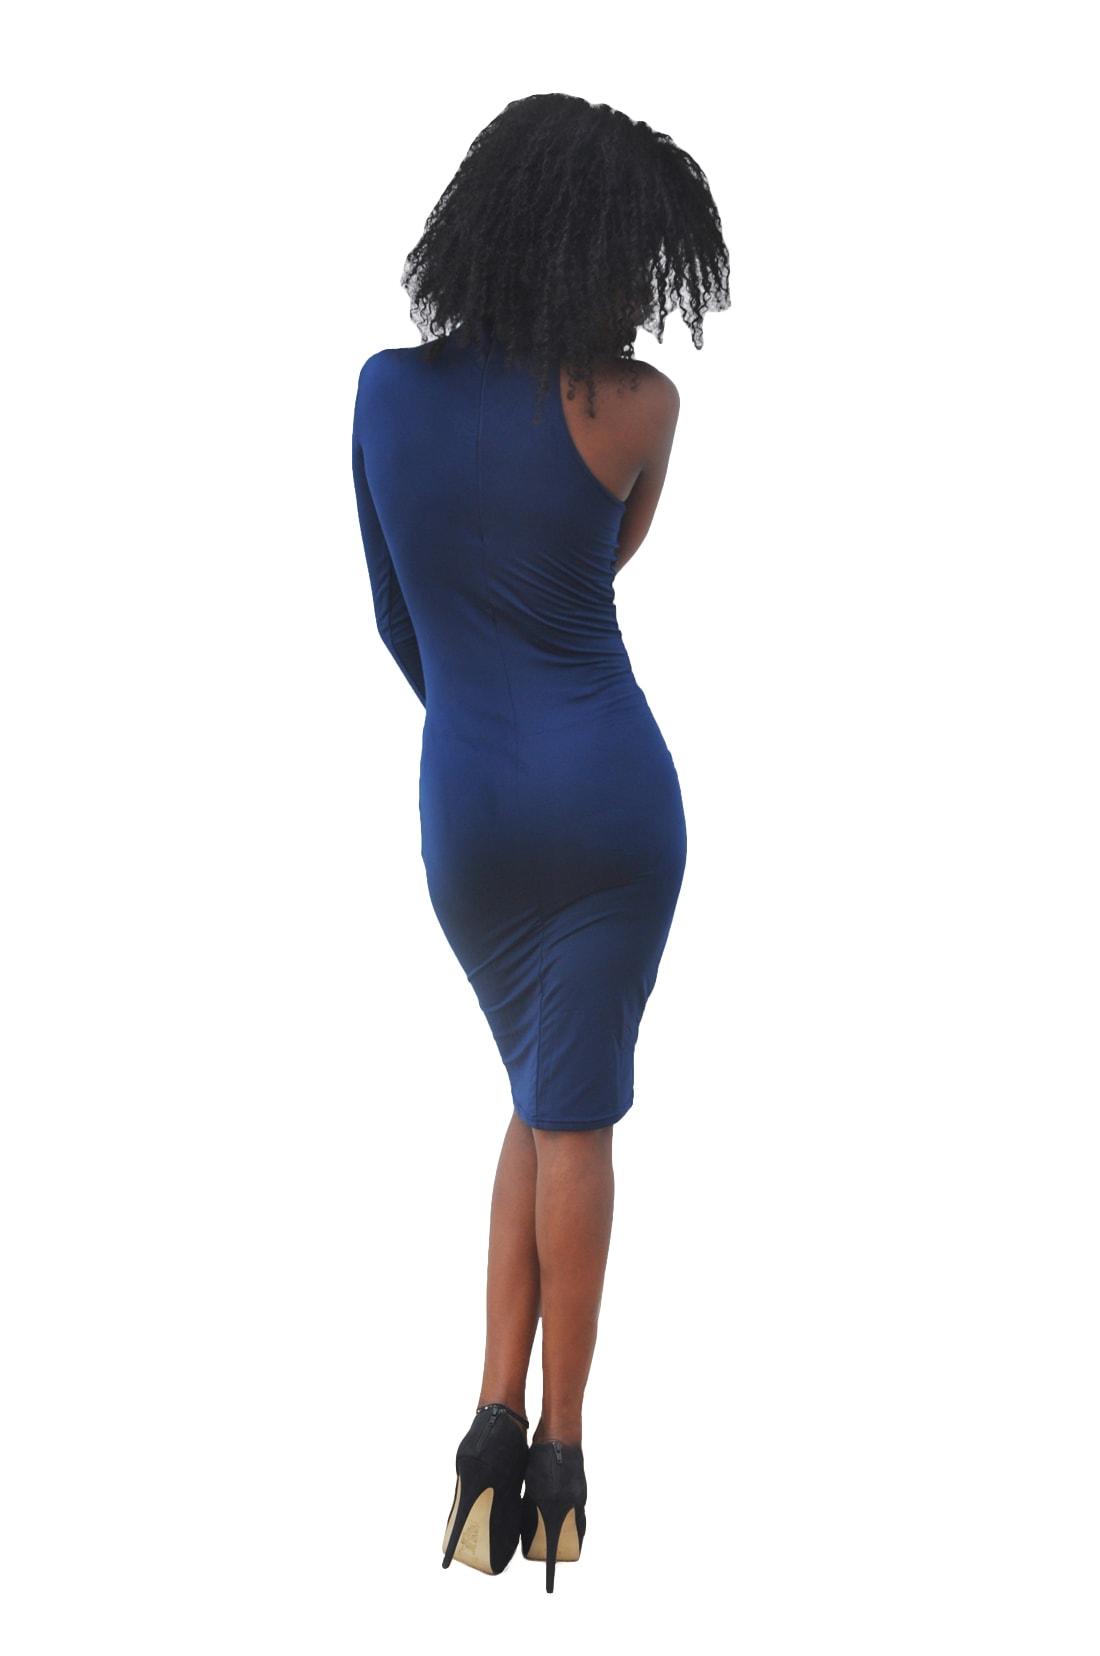 M0296 blue2 Party Dresses maureens.com boutique